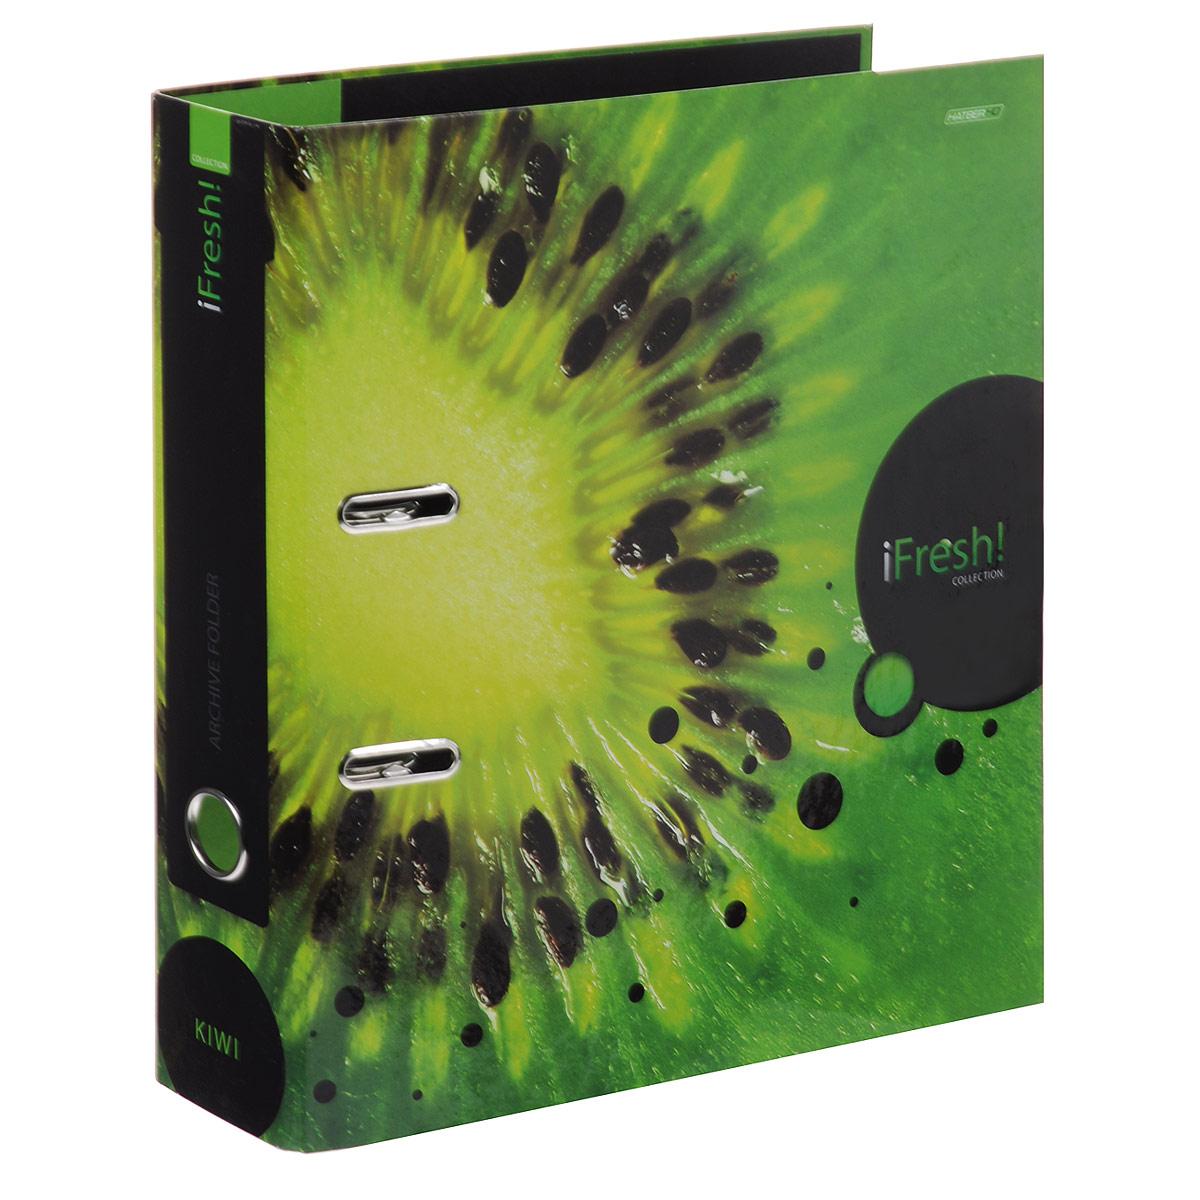 Папка-регистратор Hatber iFresh!: Киви, цвет: зеленый папка регистратор hatber red on black ширина корешка 70 мм цвет черный красный